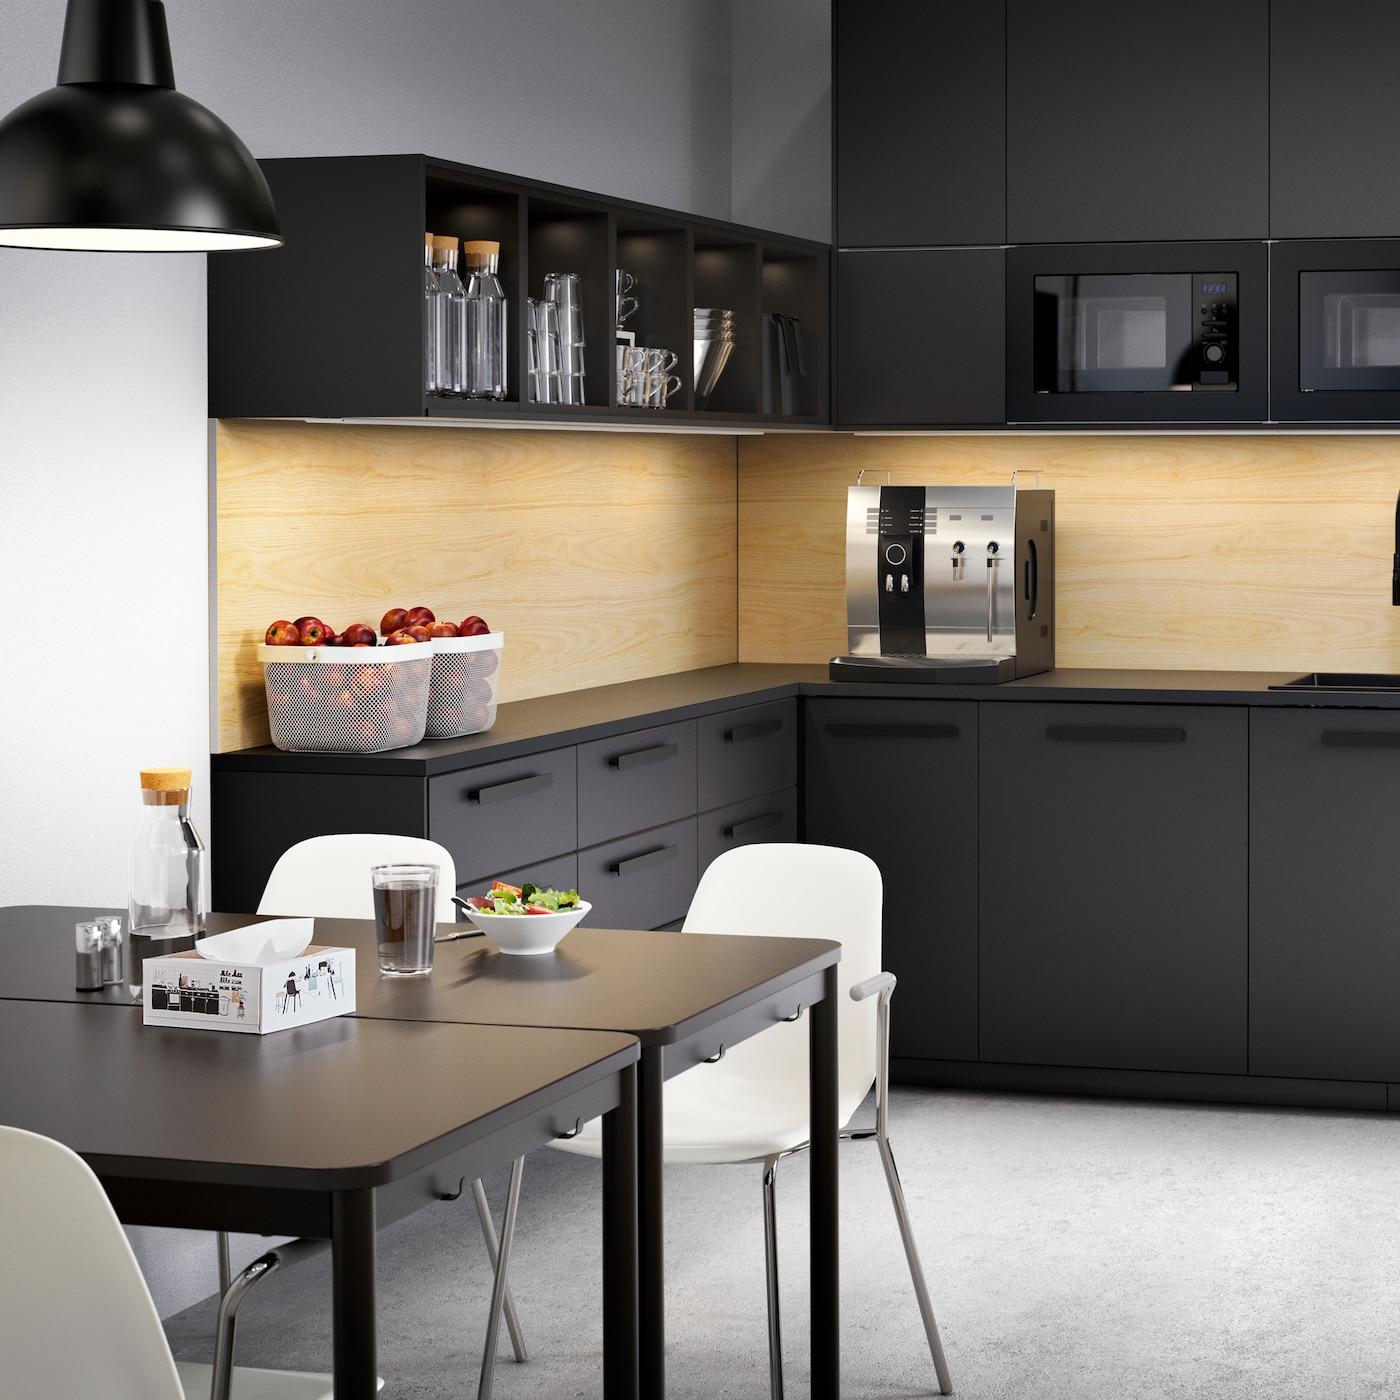 Eine große anthrazitfarbene Küche mit Schubladen und Schränken, Kaffeemaschine, Obstschalen und zwei Tischen mit weißen Stühlen.